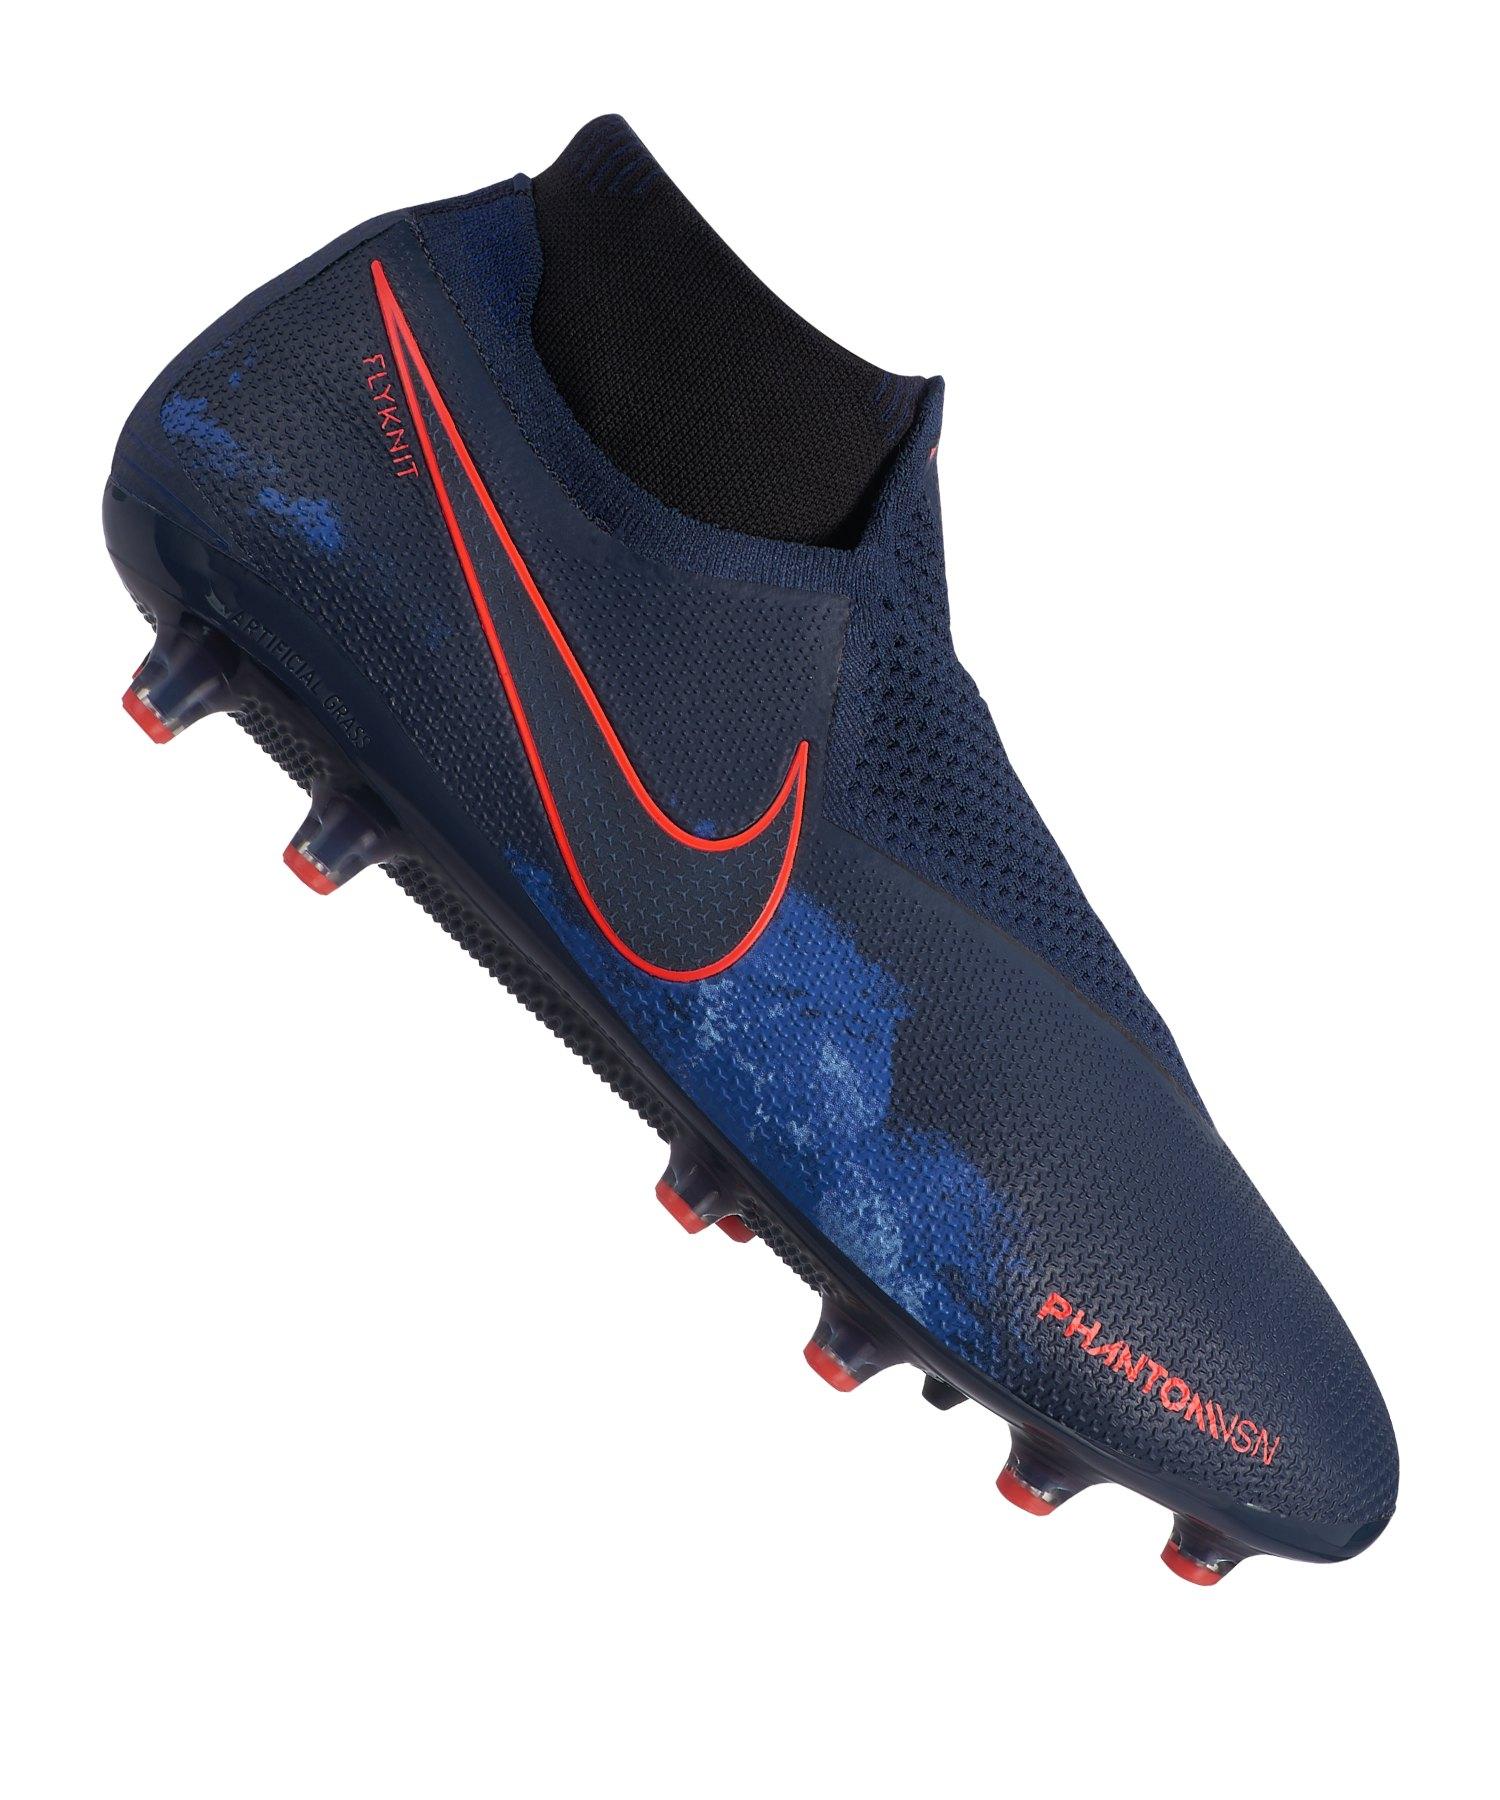 Nike Phantom Vision Elite AG-Pro Blau F440 - blau